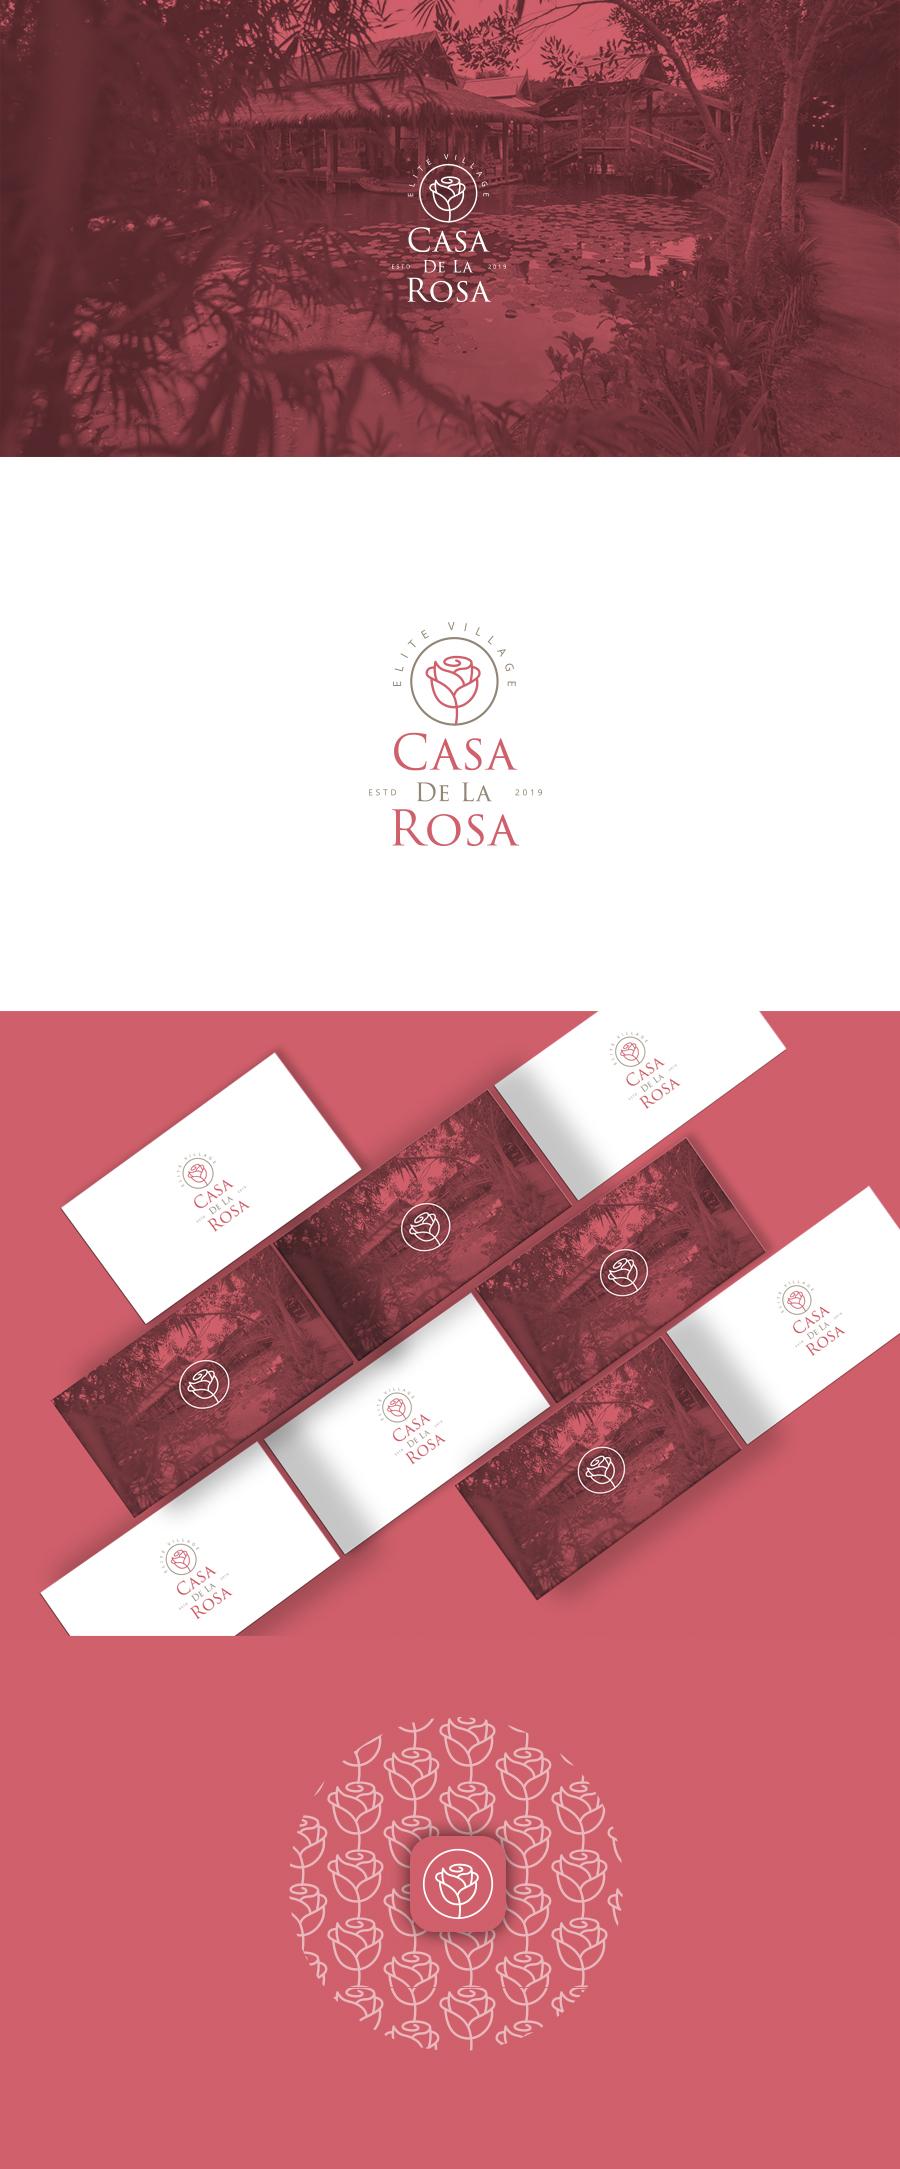 Логотип + Фирменный знак для элитного поселка Casa De La Rosa фото f_3185cd92fba378d1.jpg